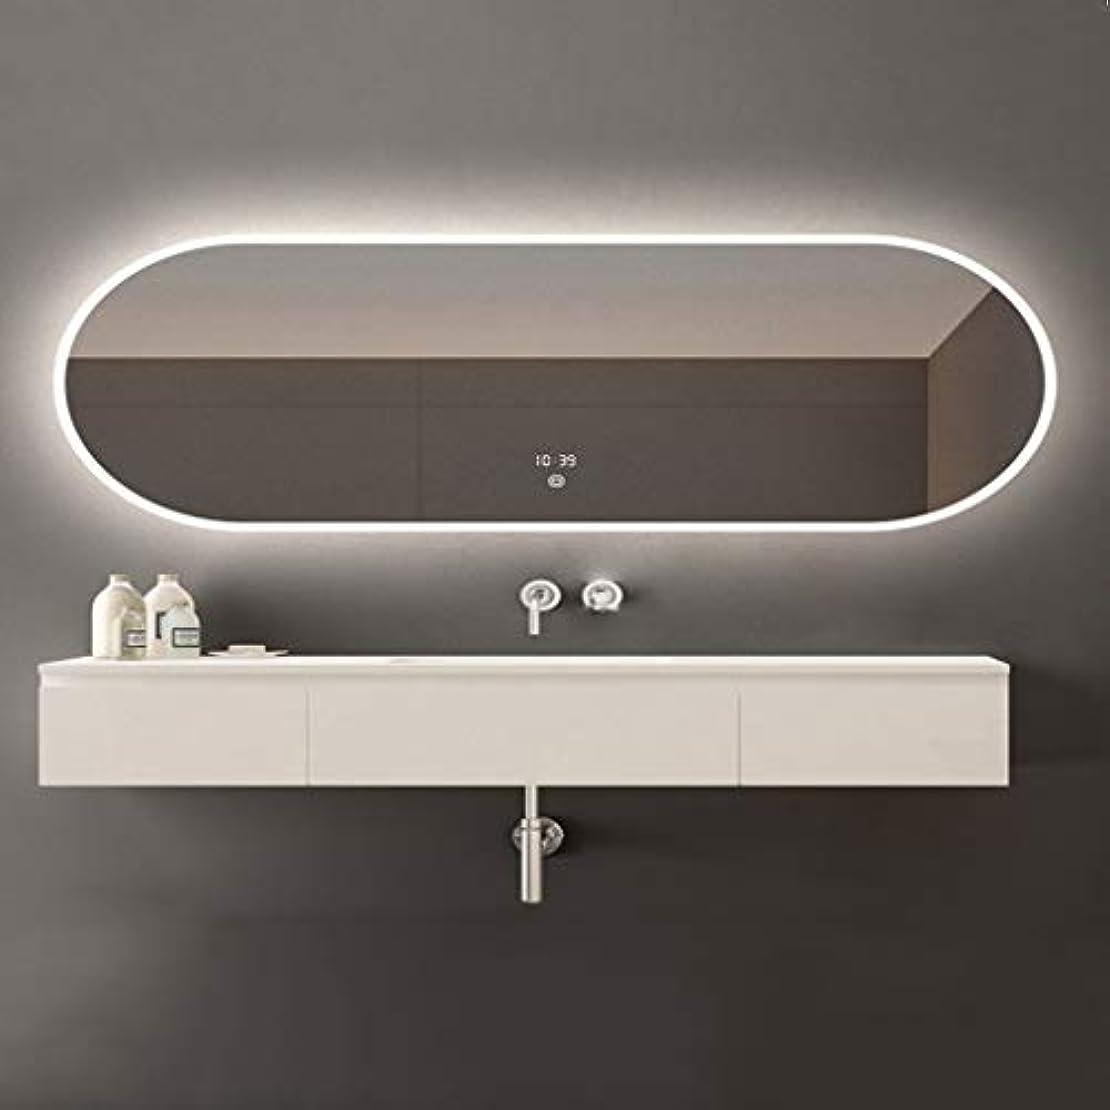 算術熟達いろいろSWNE LED照明付き浴室壁掛けミラー+防曇+調光対応タッチボタン+ IP44防水、化粧用化粧化粧品または剃毛、防爆